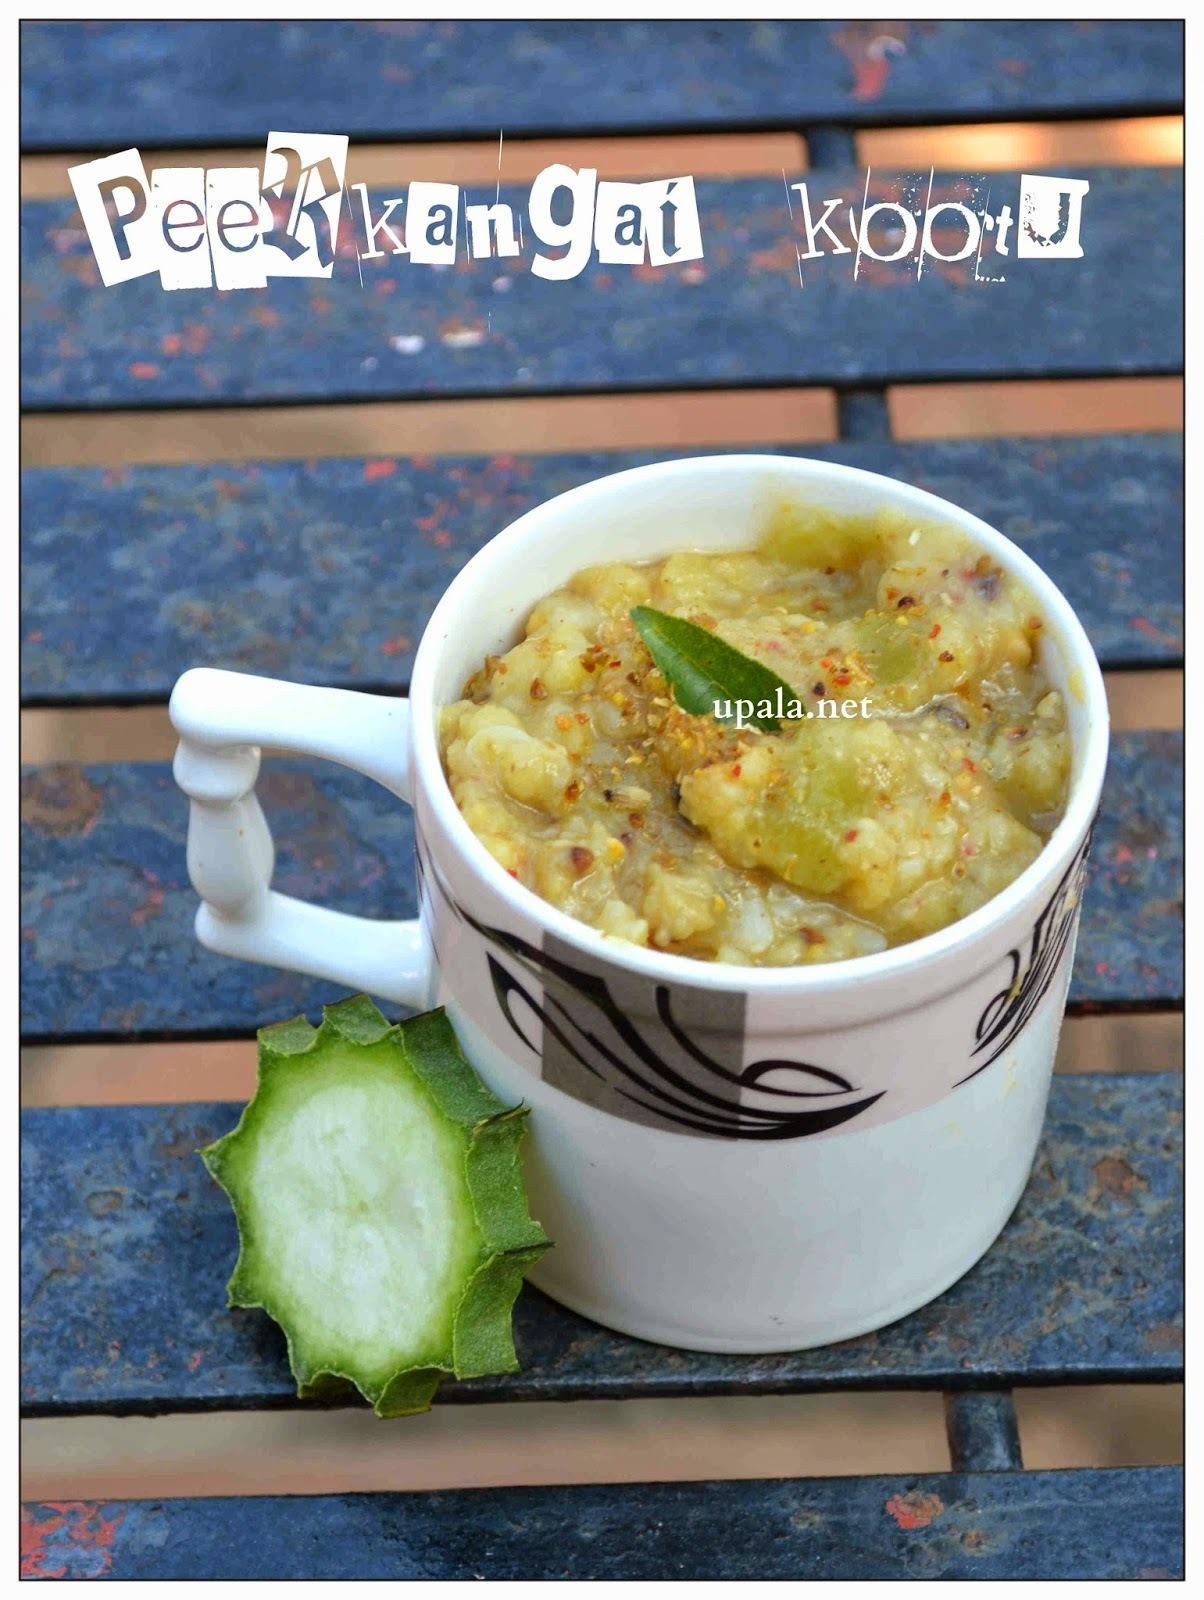 Ridge gourd kootu/Peerkangai kootu